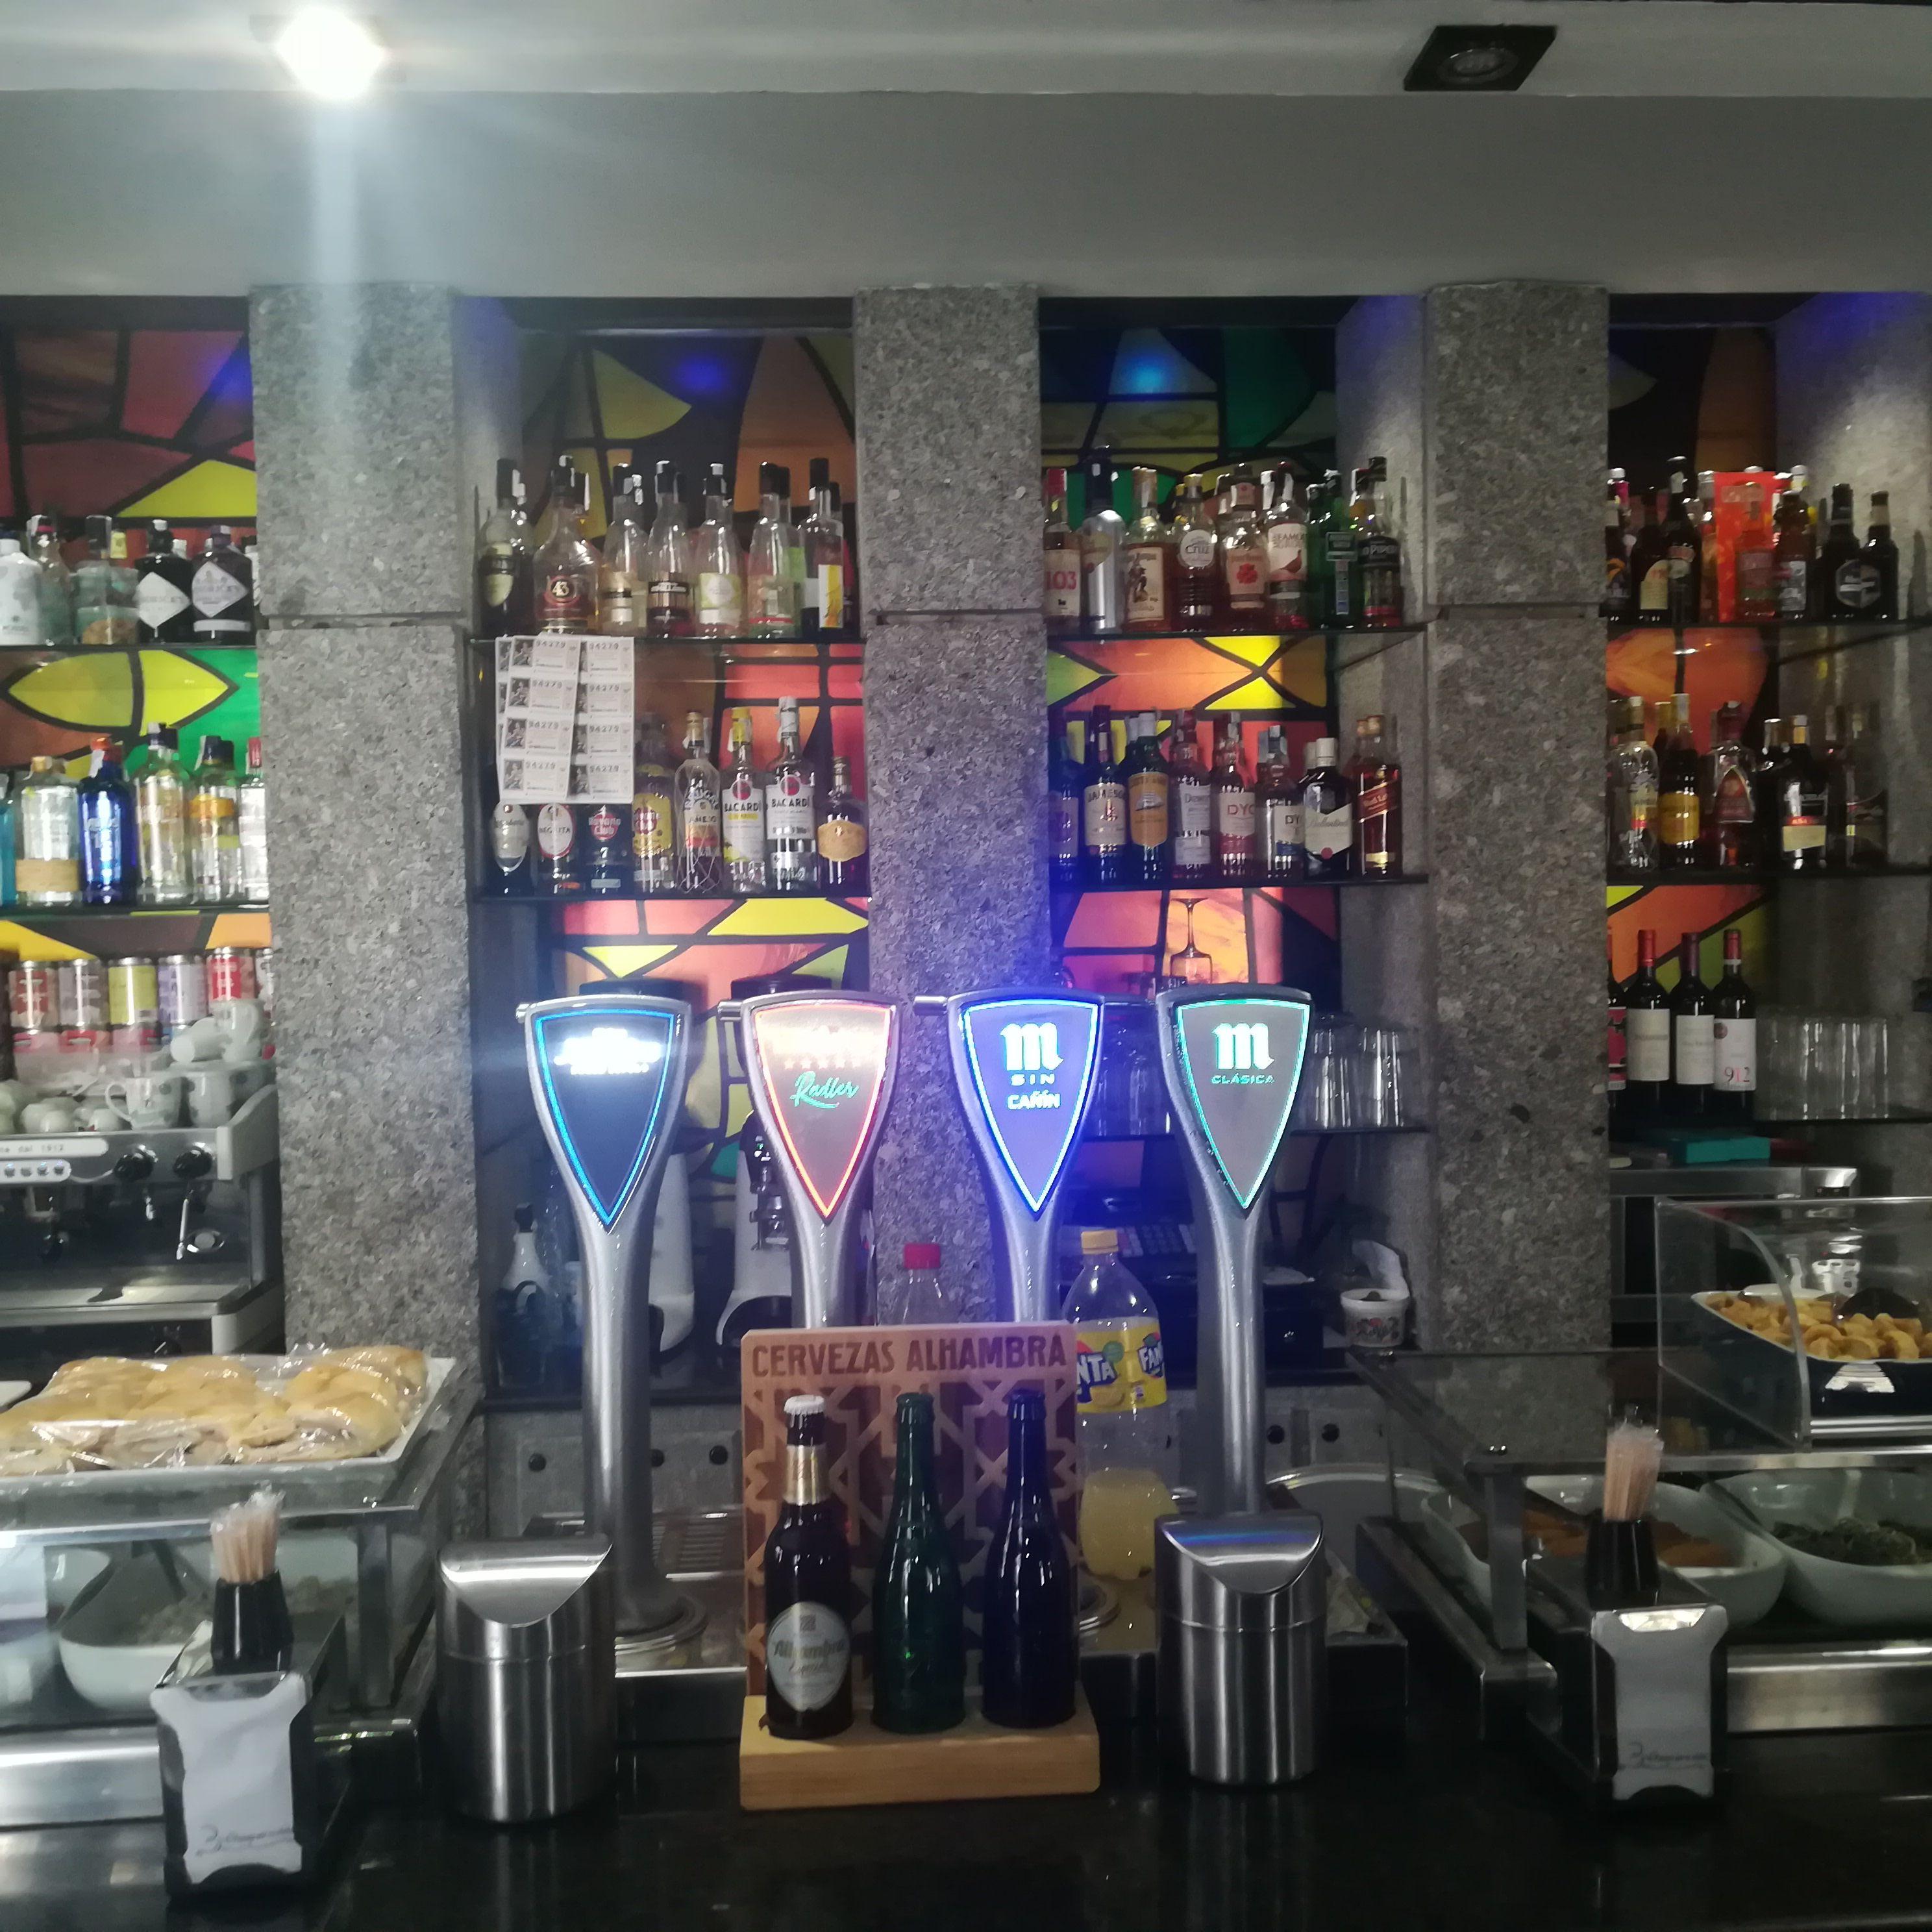 Bar de copas en Peñaranda de Bracamonte